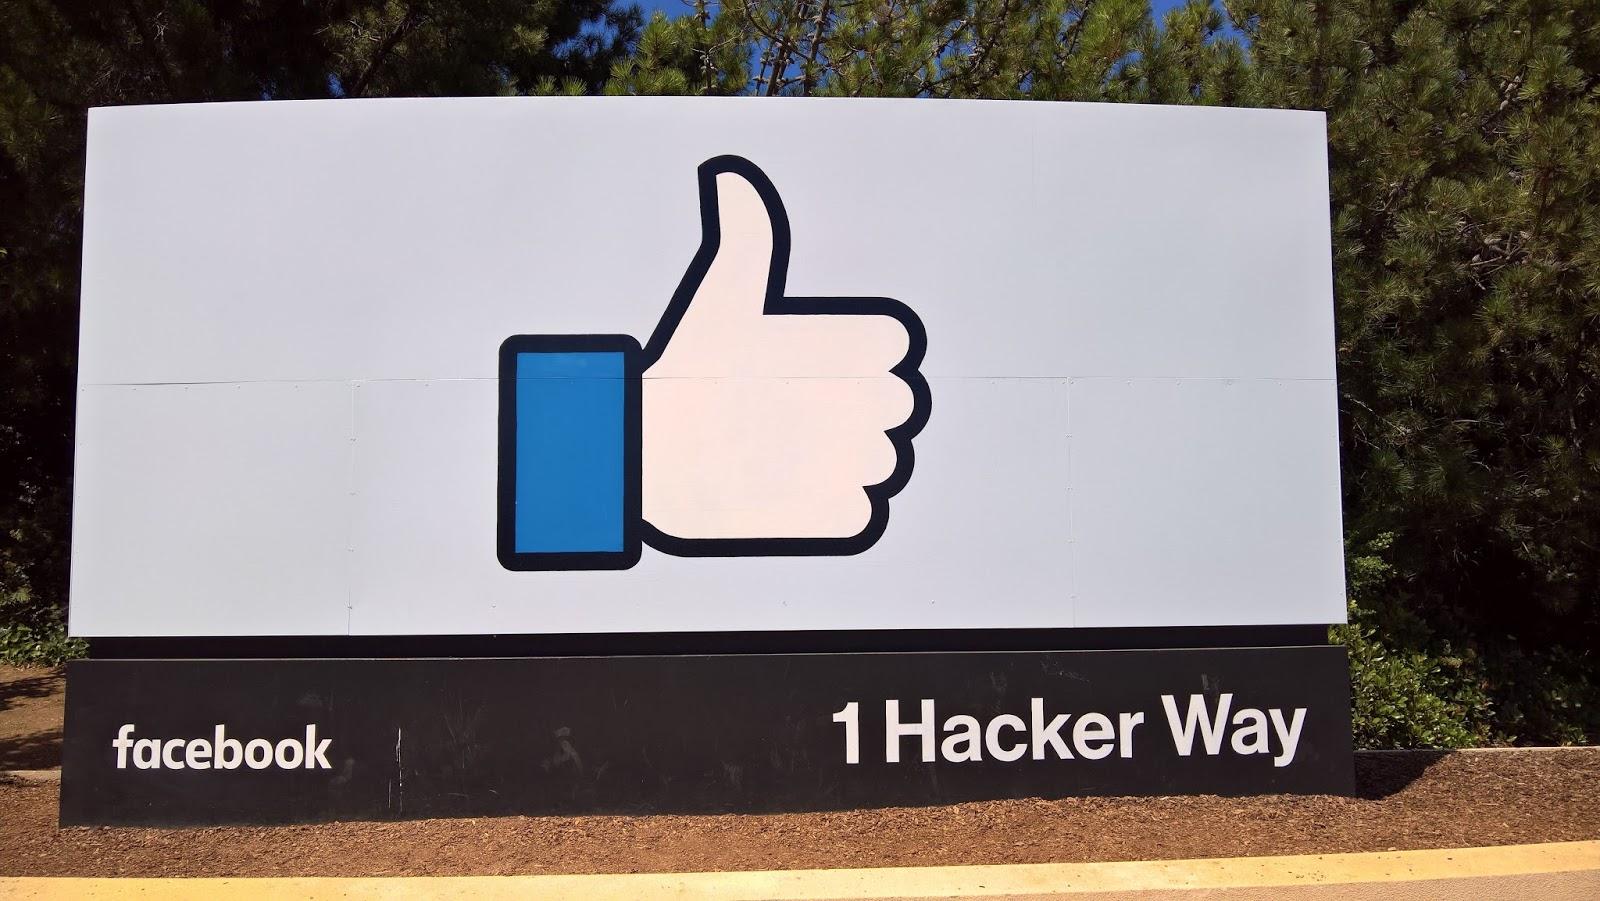 silicon valley piilaakso facebook konttori kyltti mallaspulla matkailu